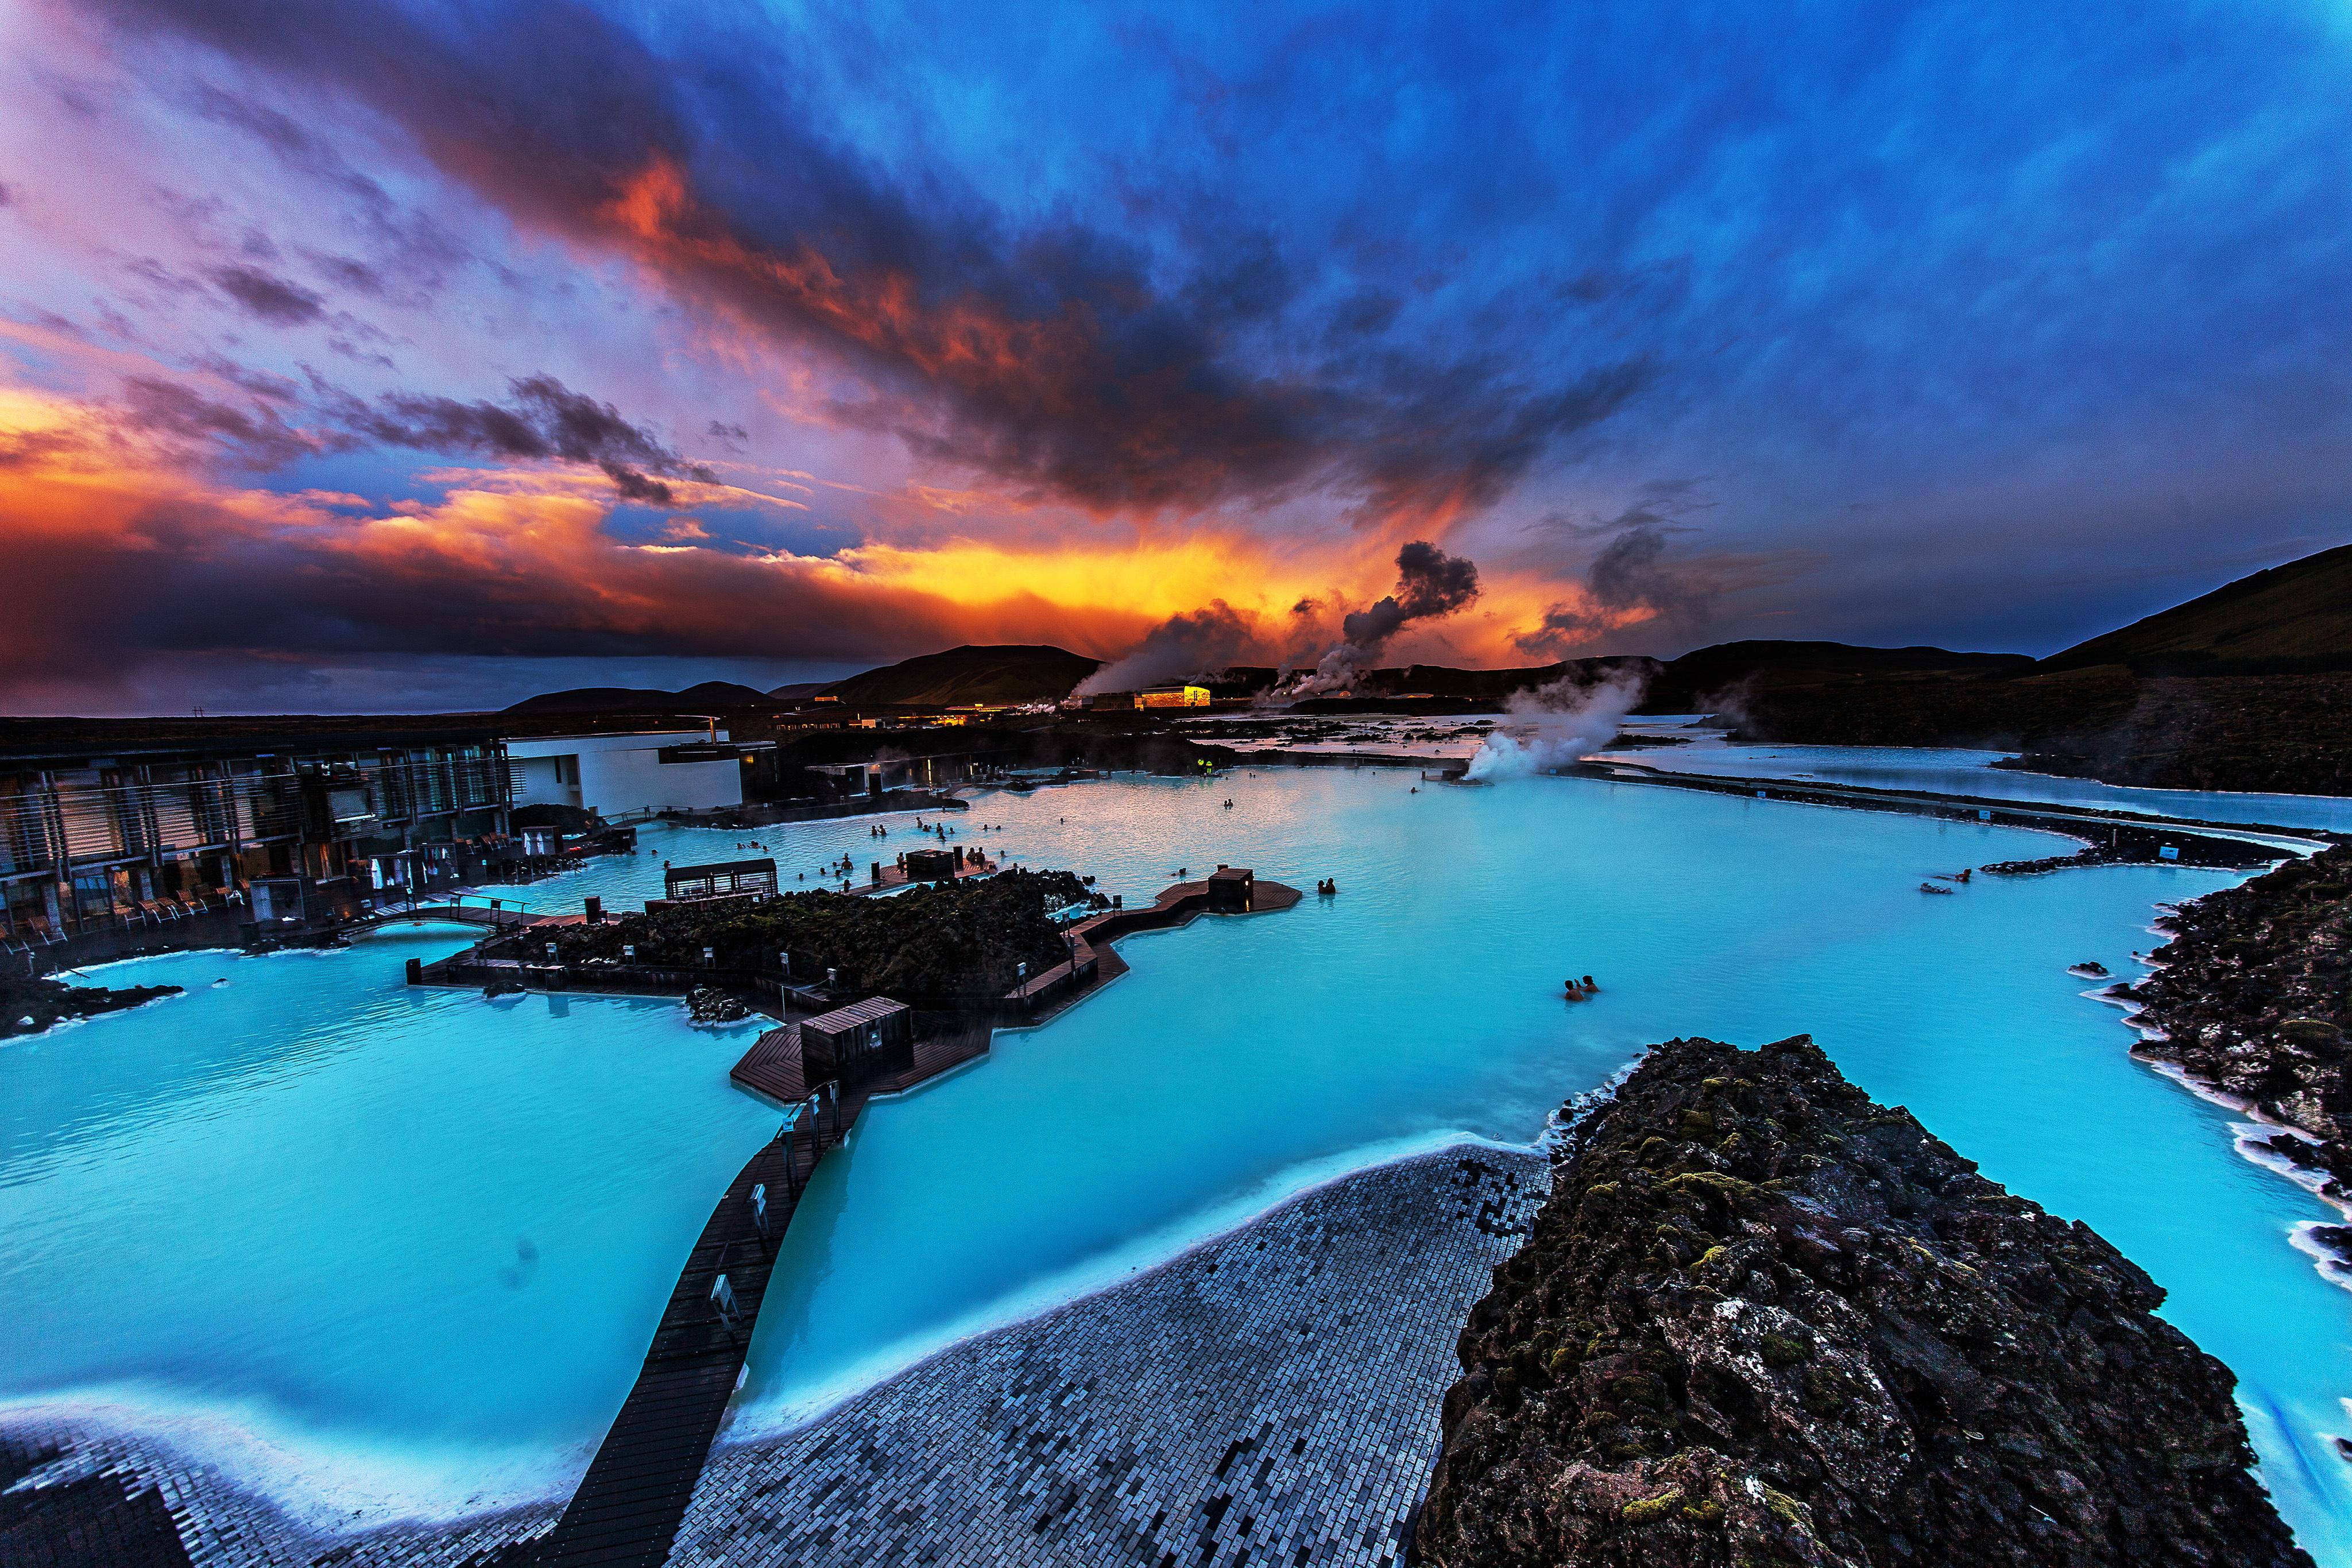 Det geotermiske spaet Den blå lagune lever opp til navnet sitt med det vakre, asurblå vannet.